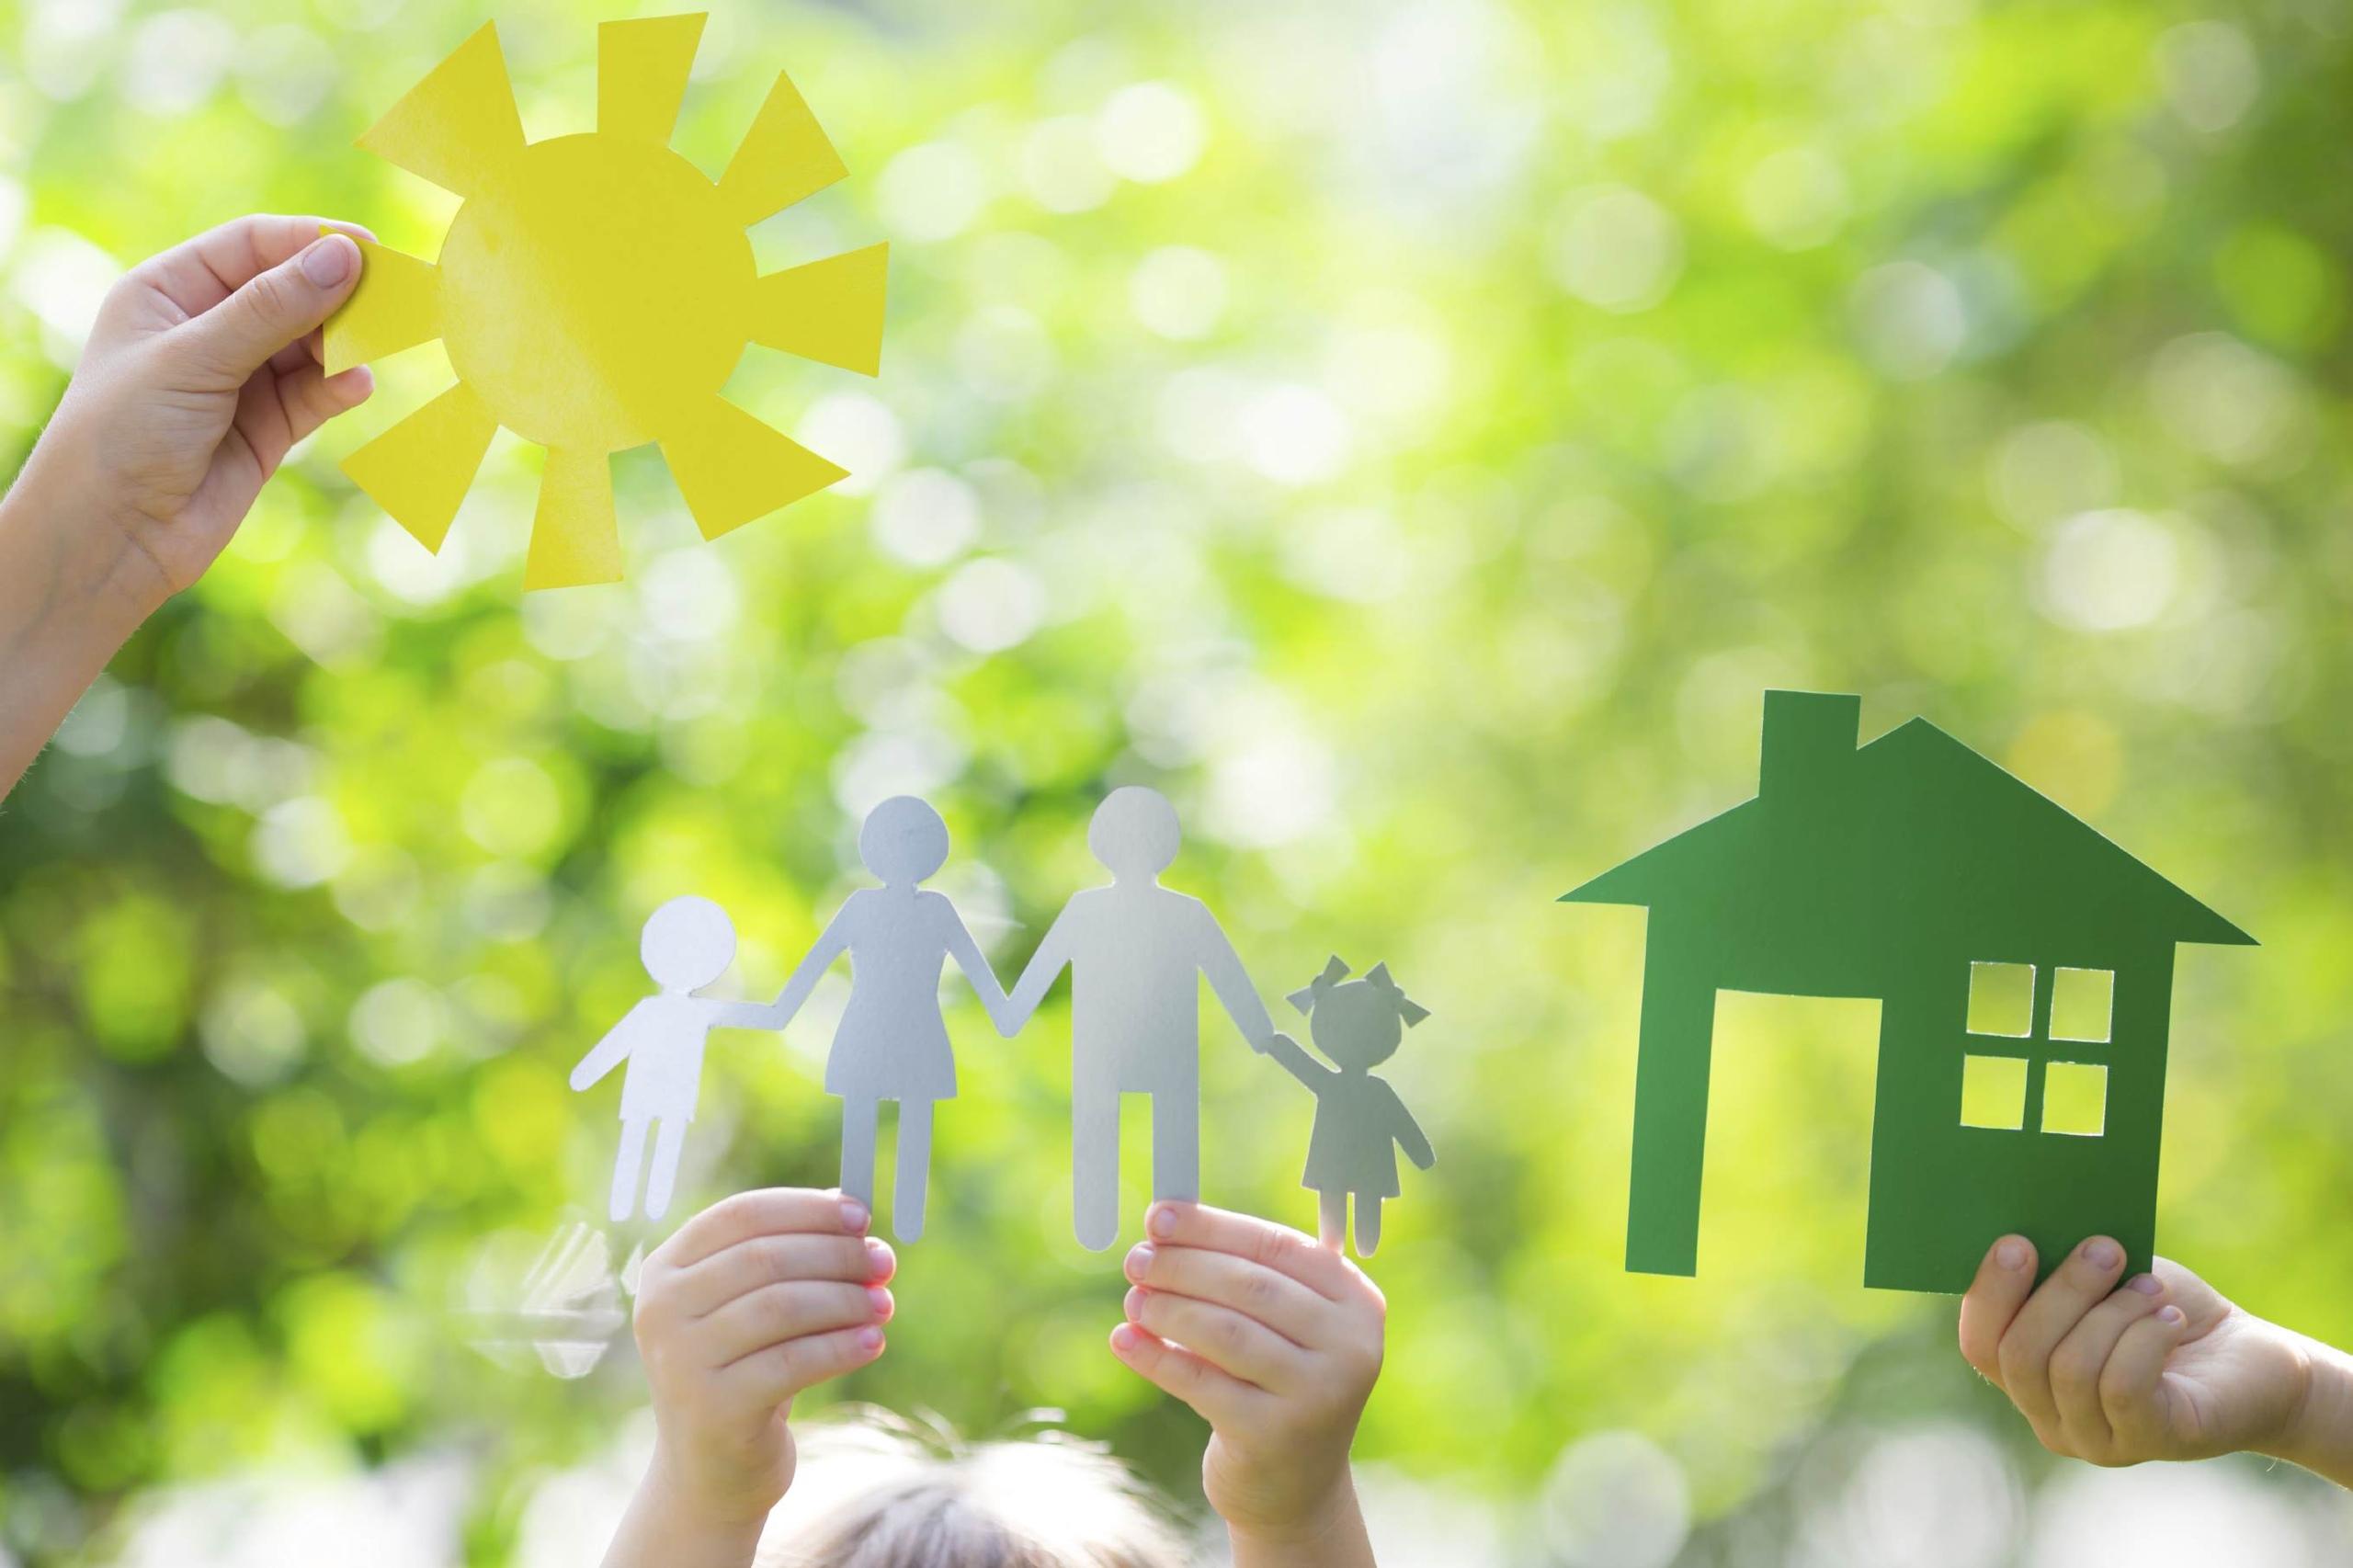 Вещи в доме, приносящие счастье: что обязательно должно быть в доме, а от чего лучше избавиться